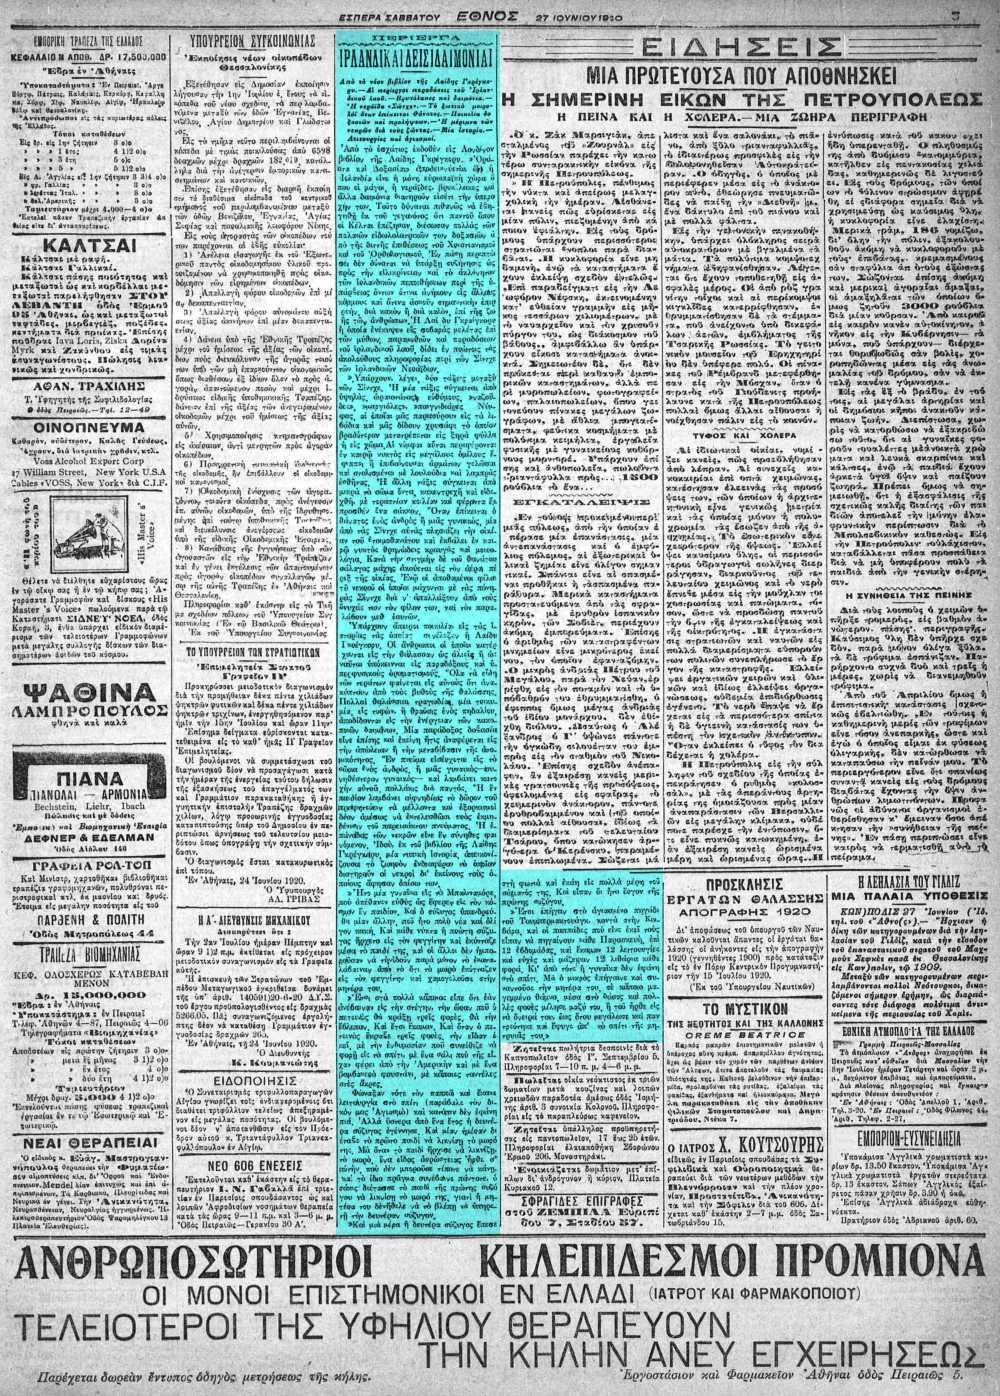 """Το άρθρο, όπως δημοσιεύθηκε στην εφημερίδα """"ΕΘΝΟΣ"""", στις 27/06/1920"""